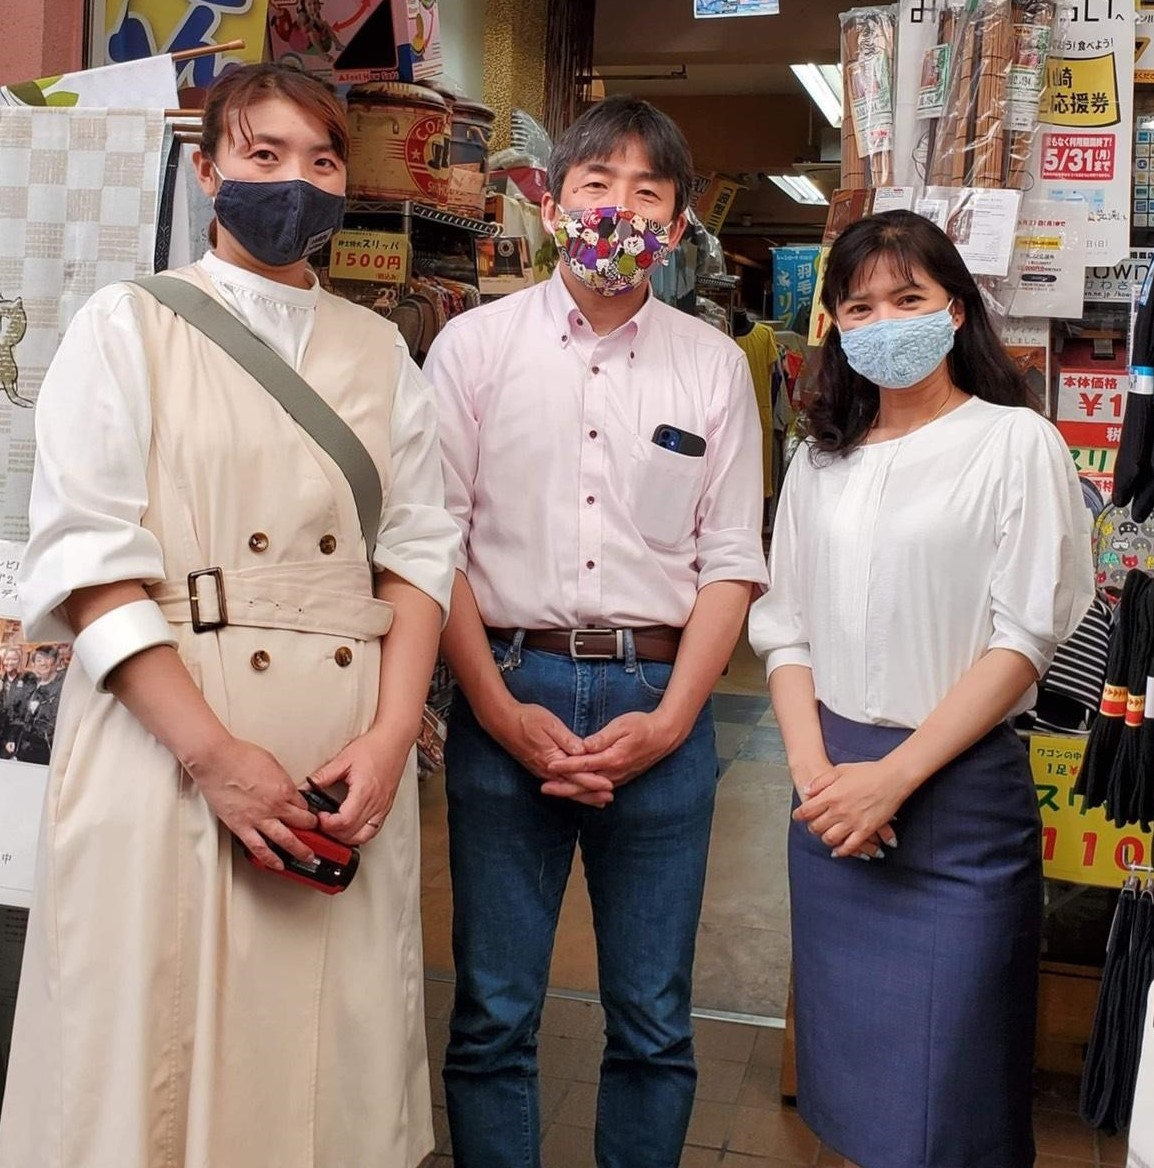 川崎銀座街理事長の小林一三さんと、「キッズマルシェ」を企画した川崎区盛り上げ隊!のママたち